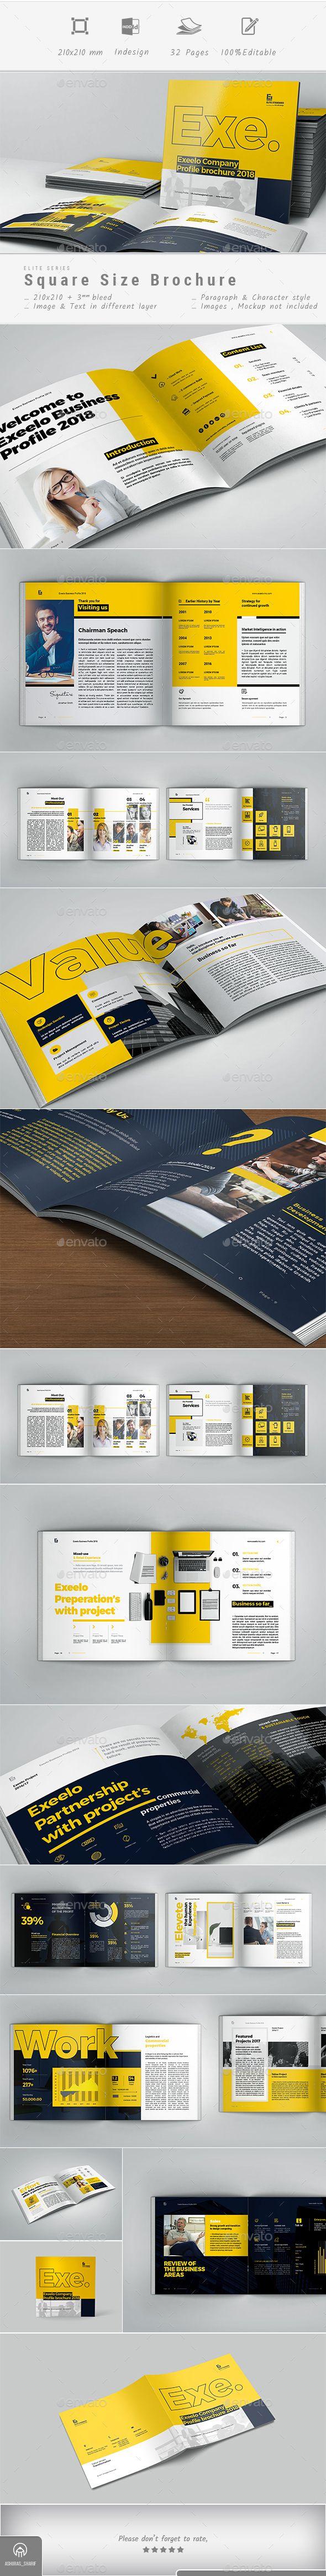 Square Company #Profile - Corporate #Brochures Download here: https://graphicriver.net/item/square-company-profile/19609808?ref=alena994